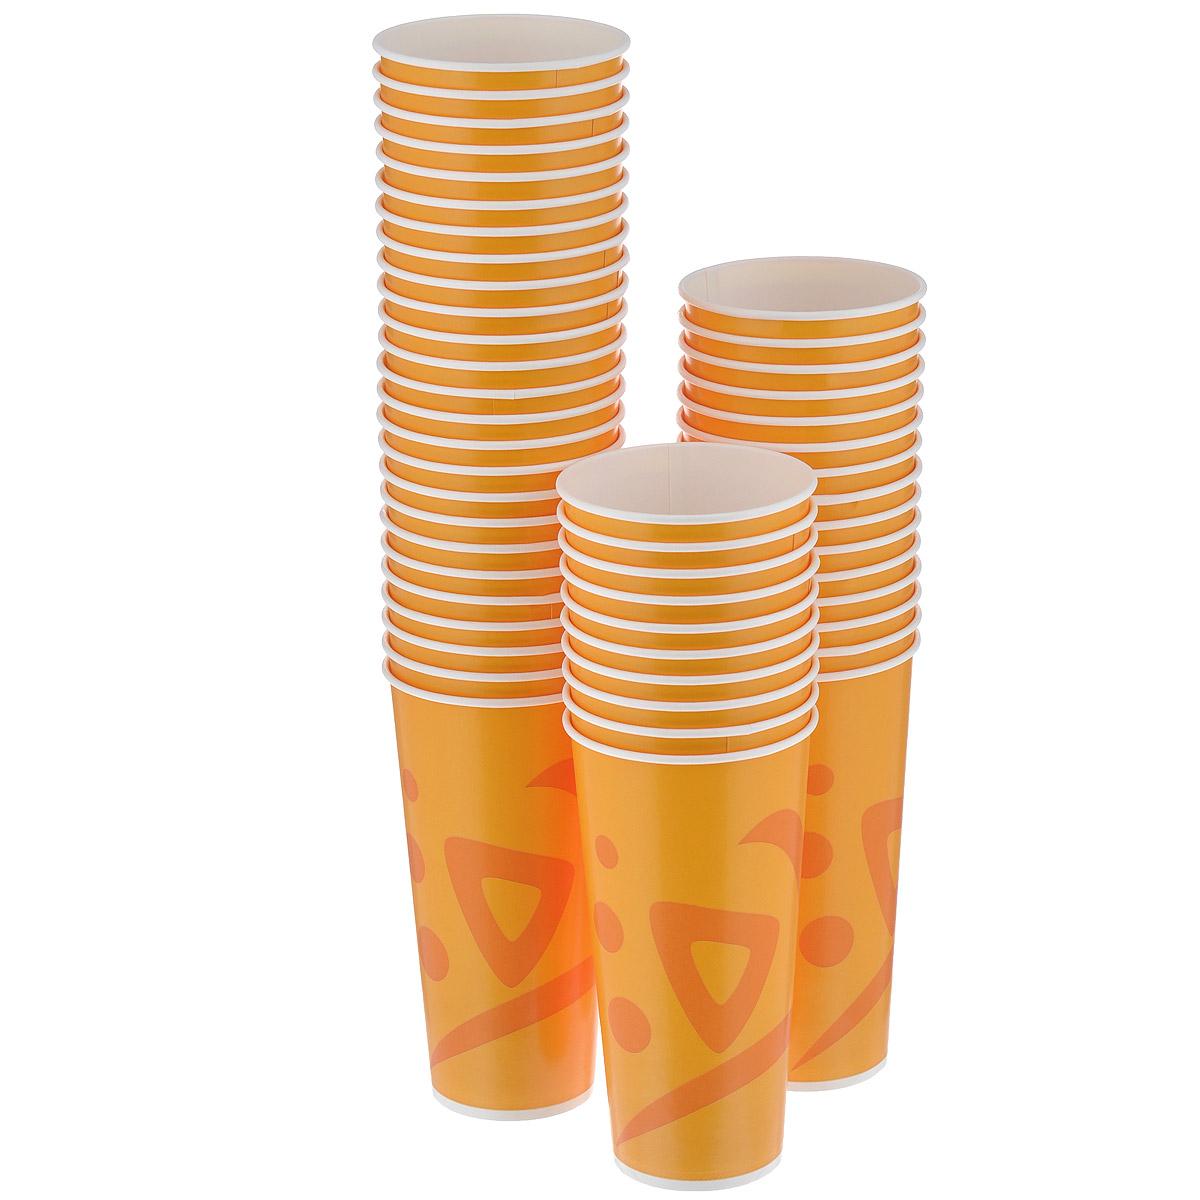 Стаканы одноразовые Huhtamaki Whizz, бумажные, 500 мл, 50 штSC-FD421005Одноразовые стаканы Huhtamaki Whizz изготовлены из ламинированной бумаги. Стаканы предназначены для подачи холодных напитков. Вы можете взять стаканы с собой на природу, в парк, на пикник и наслаждаться вкусными напитками. Несмотря на то, что стаканы бумажные, они очень прочные и не промокают. Диаметр (по верхнему краю): 9 см. Высота: 17 см.